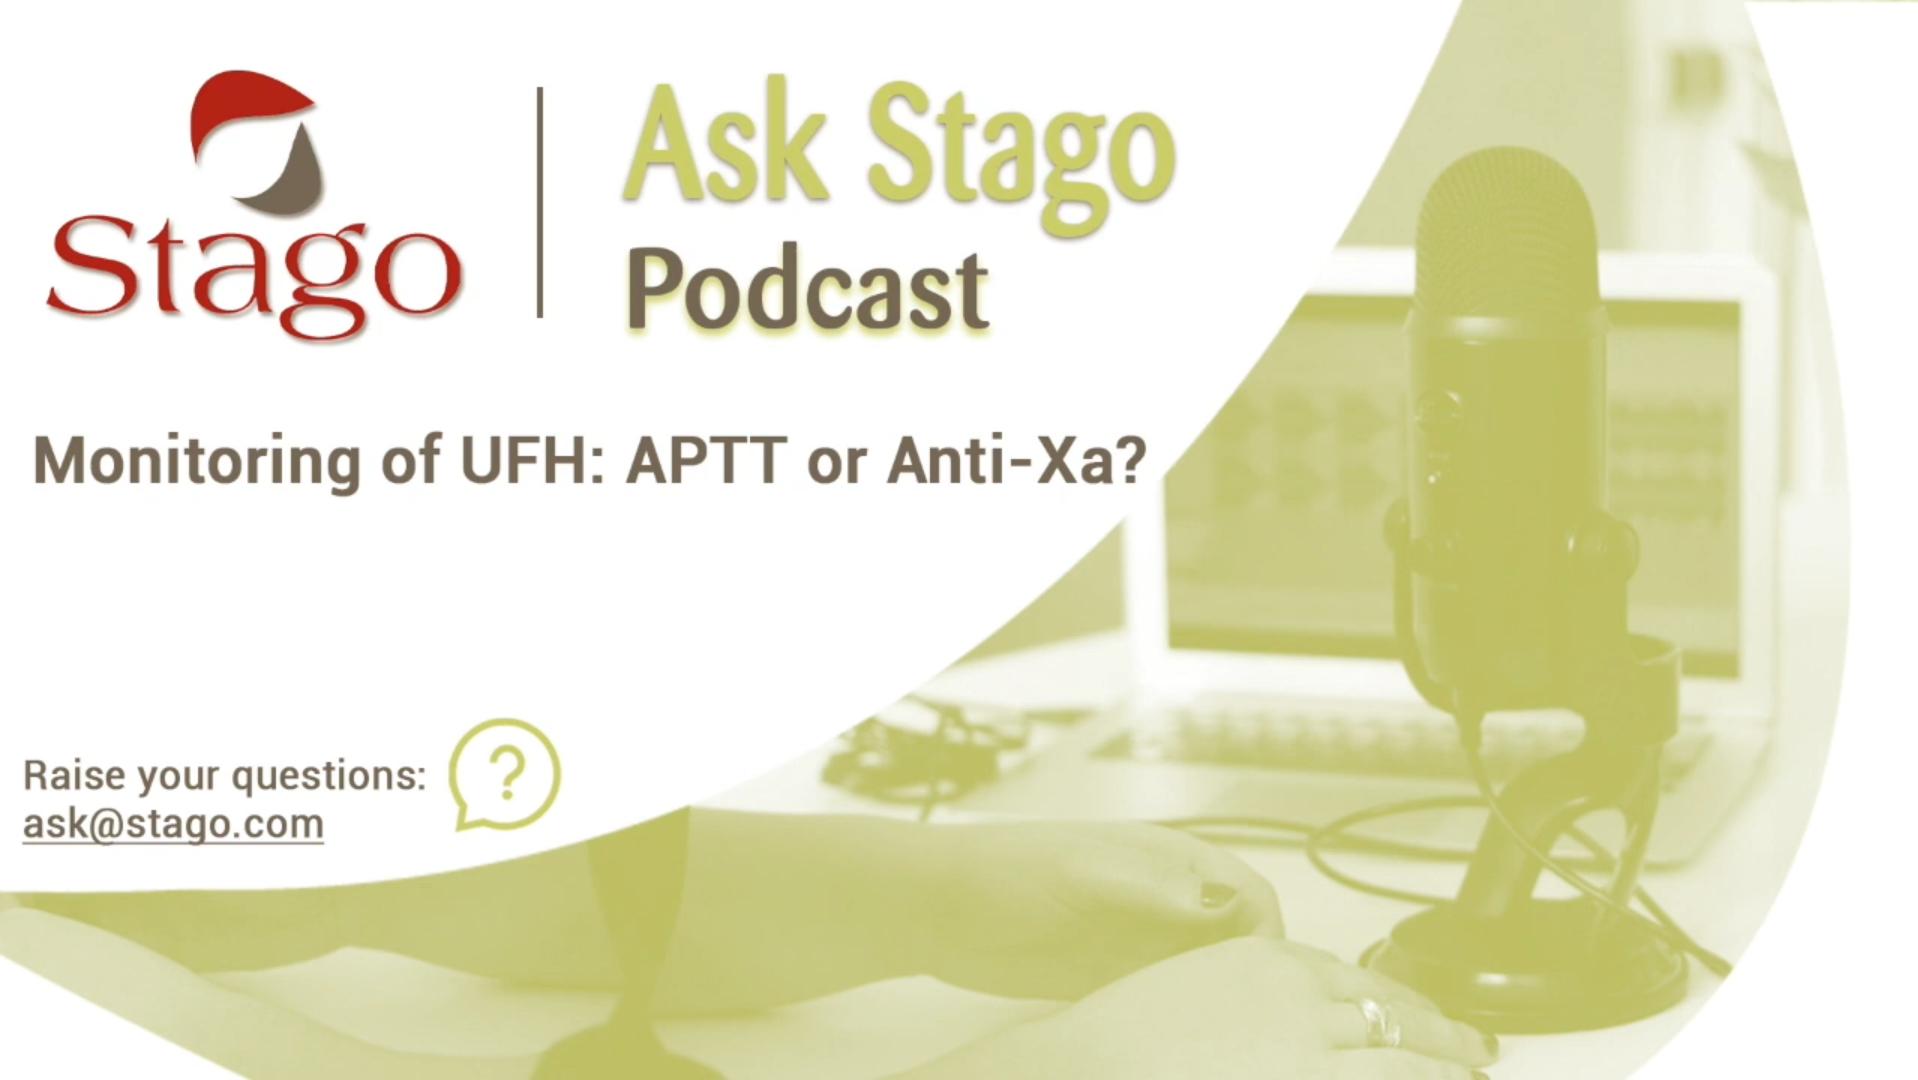 """Рубрика """"Спроси Stago"""" - Мониторинг терапии нефракционированным гепарином, АЧТВ или анти-Ха активность?"""